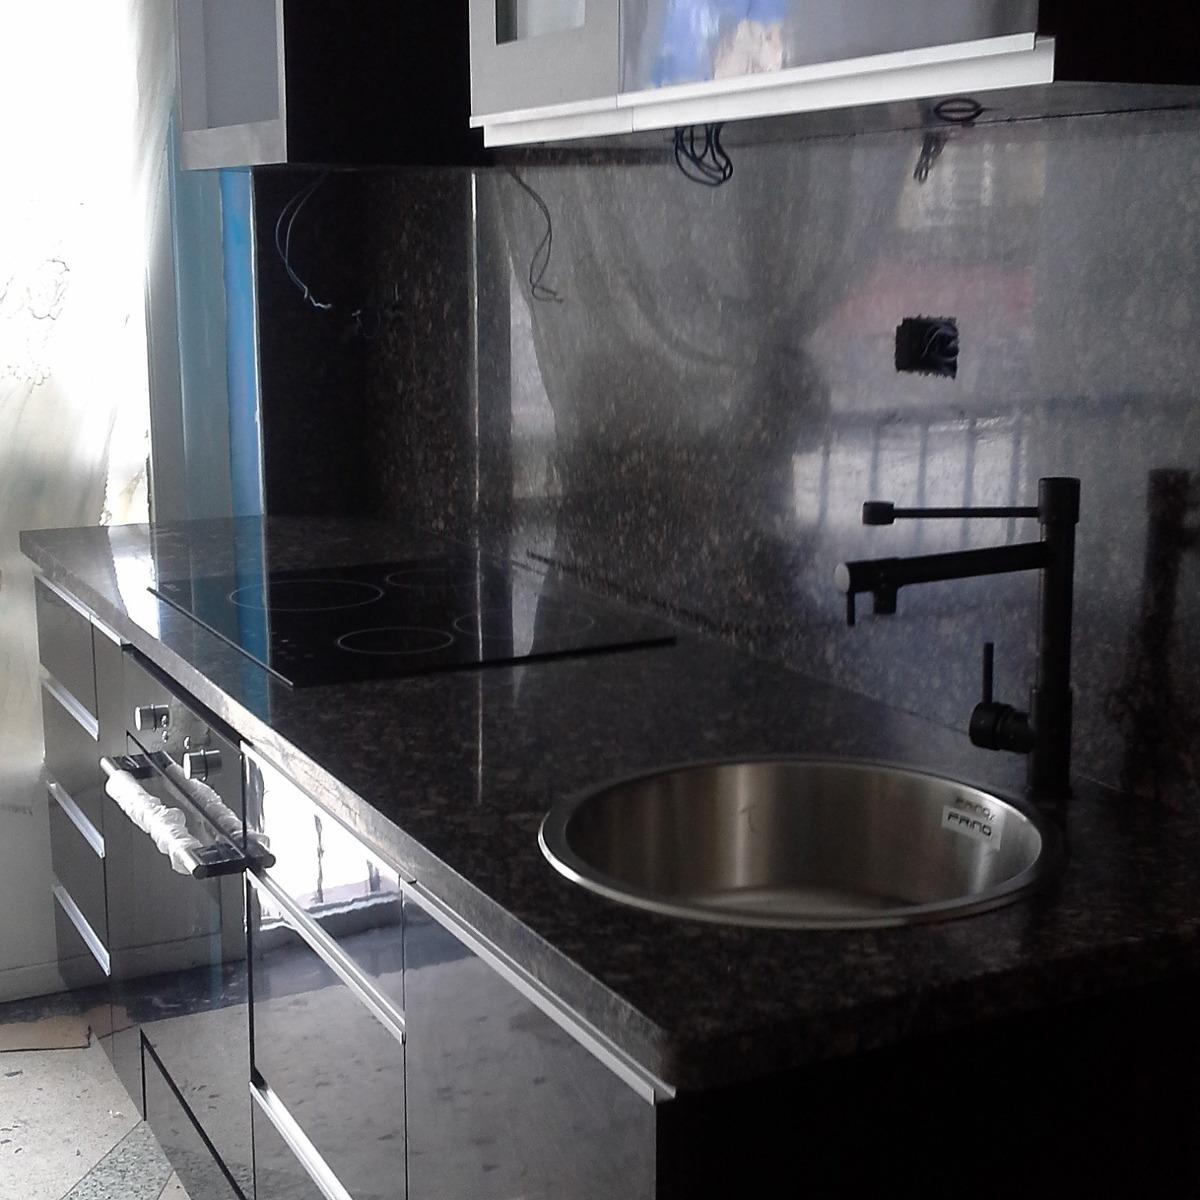 Cocinas Empotradas Super Ofertas Y En Mercado Libre Venezuela # Muebles De Cocina Pixys